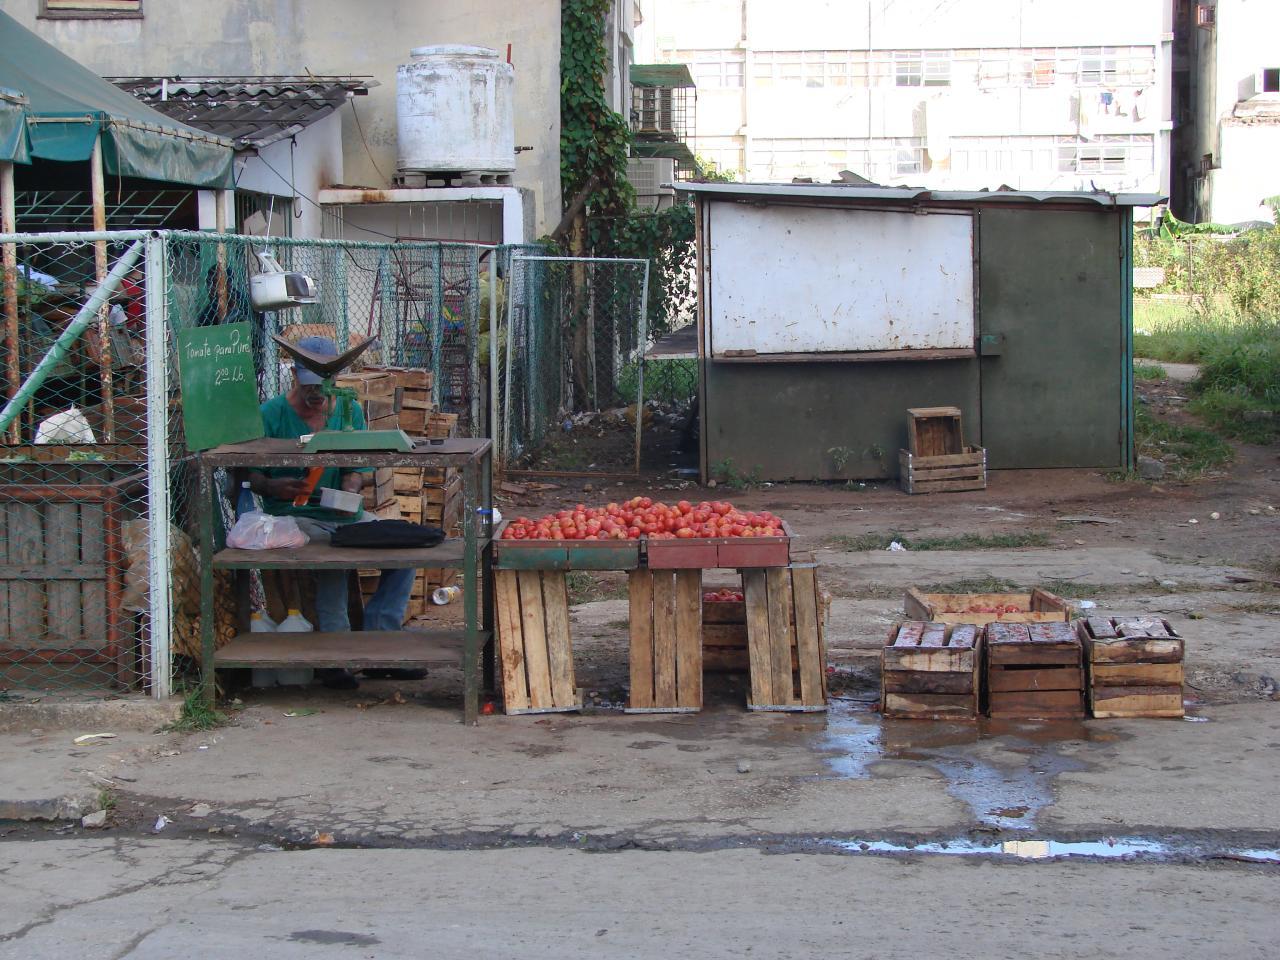 Cuba: fotos del acontecer diario - Página 6 3292966184_fe7b3eff51_o